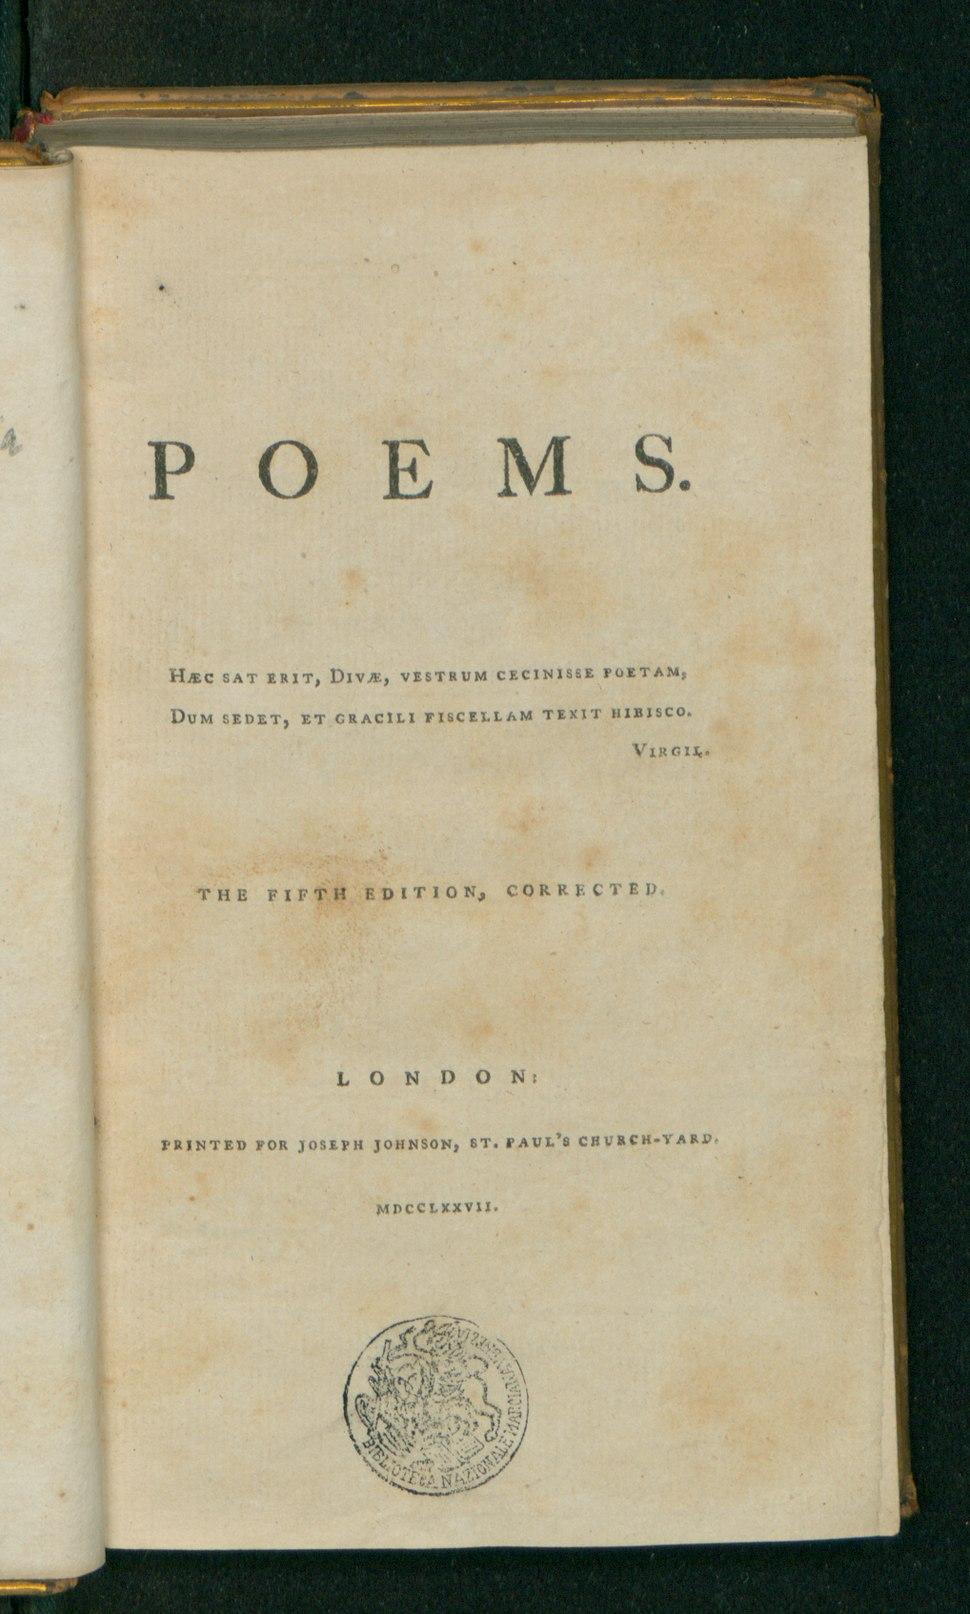 Poems of Anna Laetitia Aikin